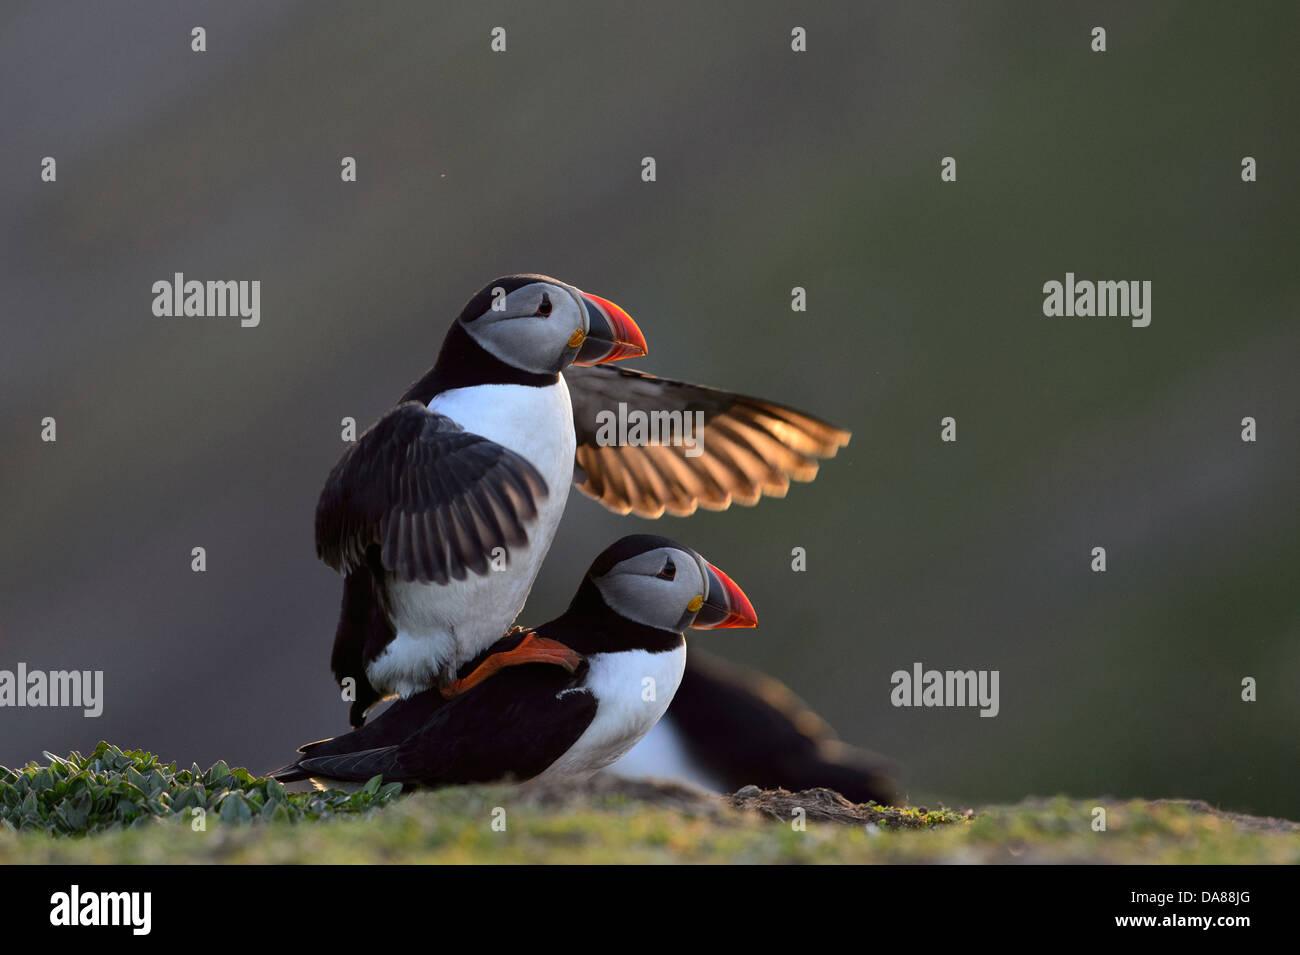 Anzeige und Paarung zweier Papageientaucher in warmen Abend Hintergrundbeleuchtung mit Sonnenlicht durch die Flügel Stockbild